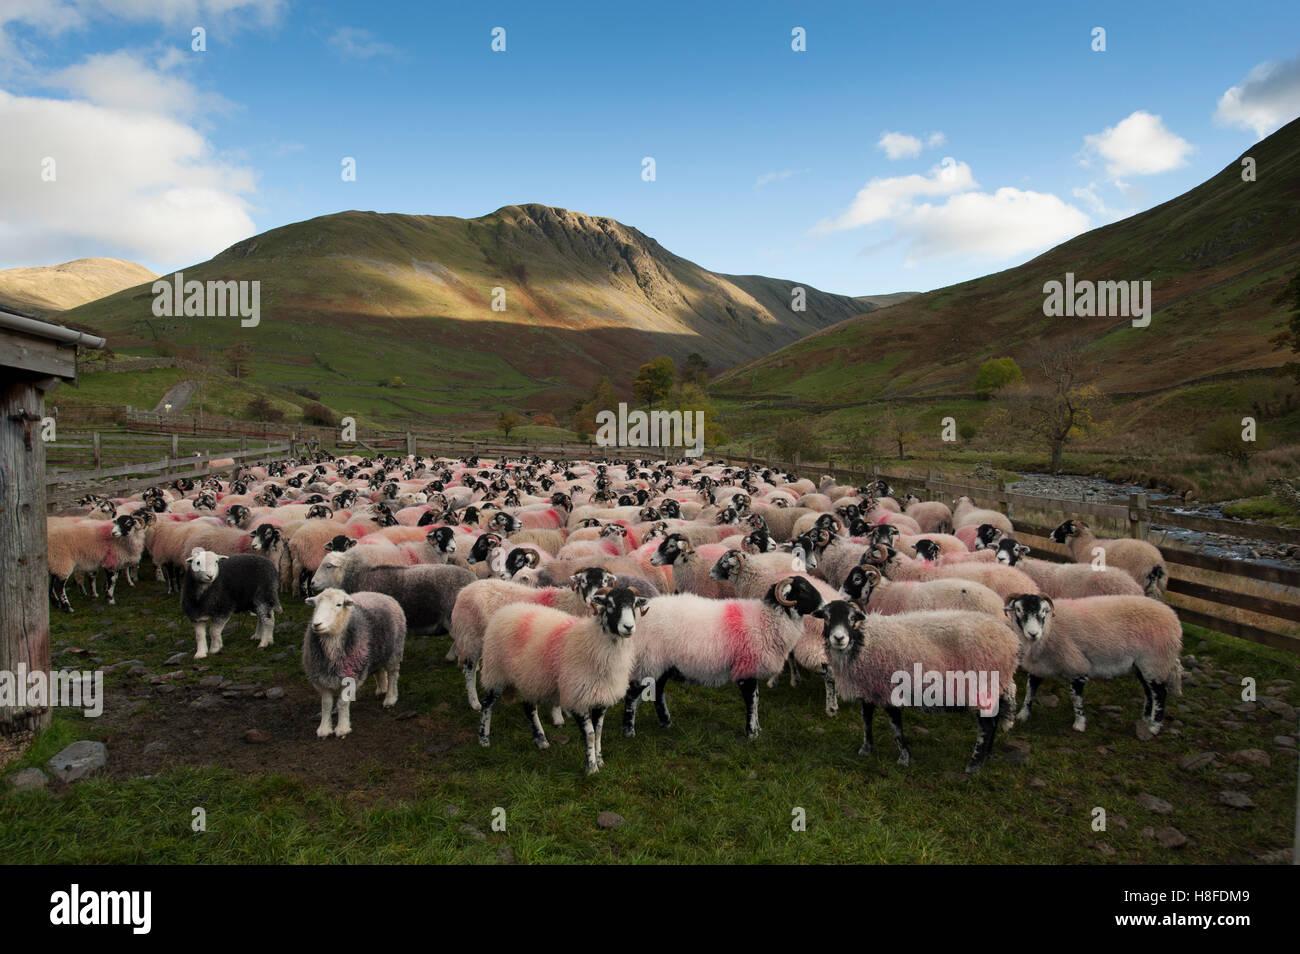 Pecore in una penna di pecora, raccolte di montagne nel Lake District, Cumbria, Regno Unito. Immagini Stock